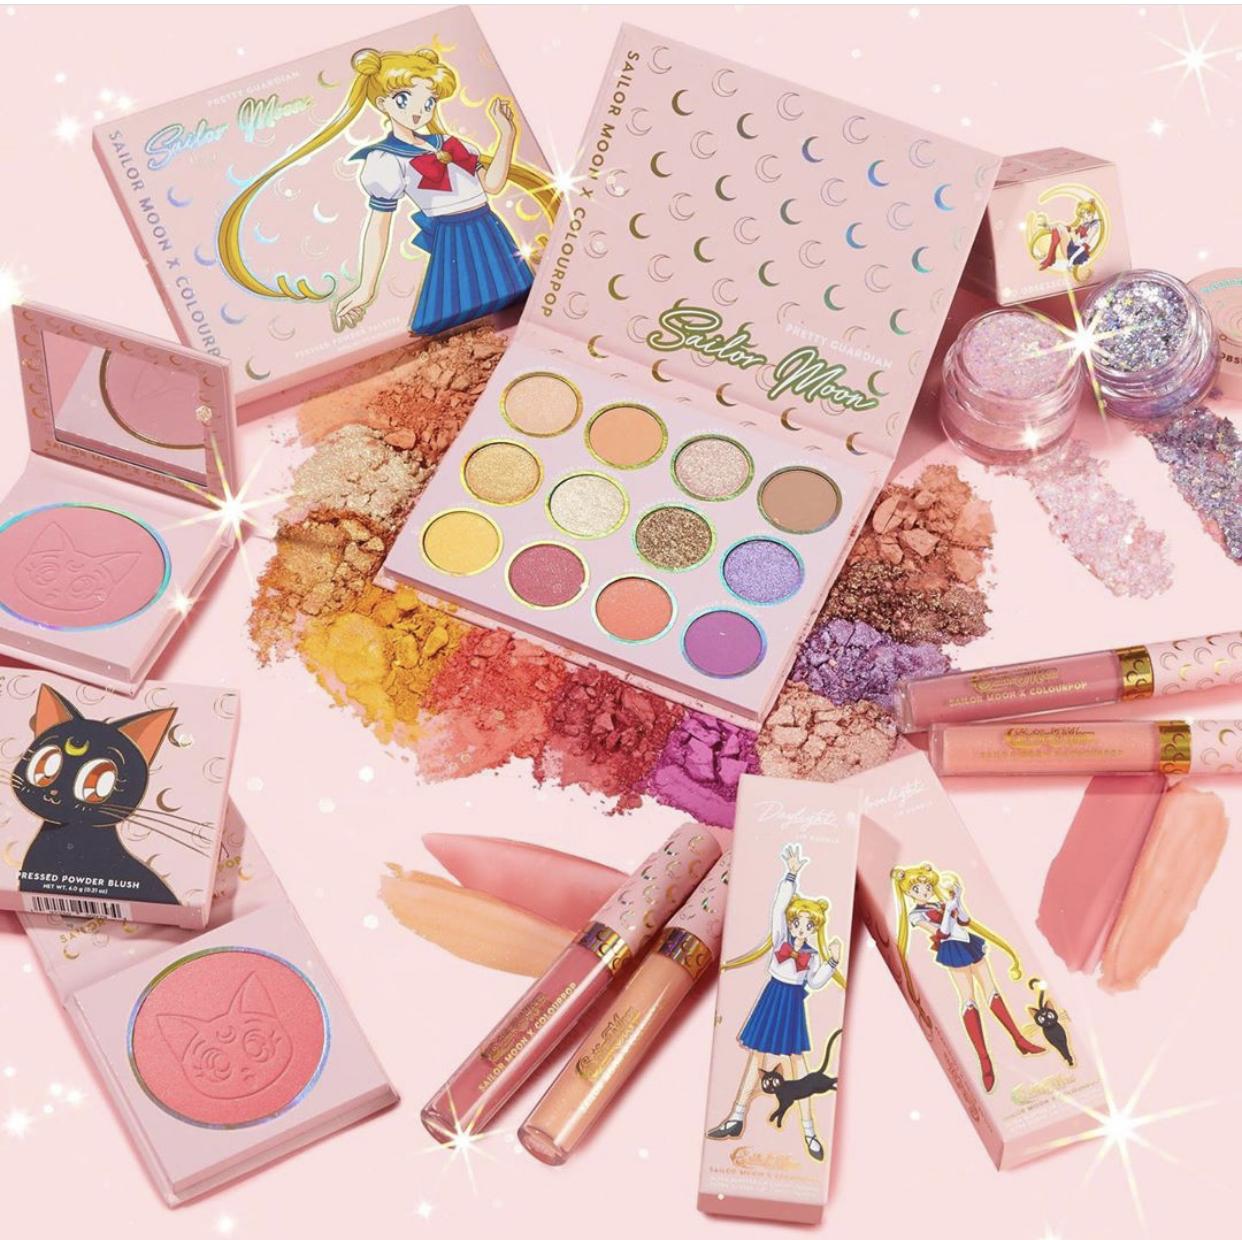 ColourPop x Sailor Moon Collection Reveal